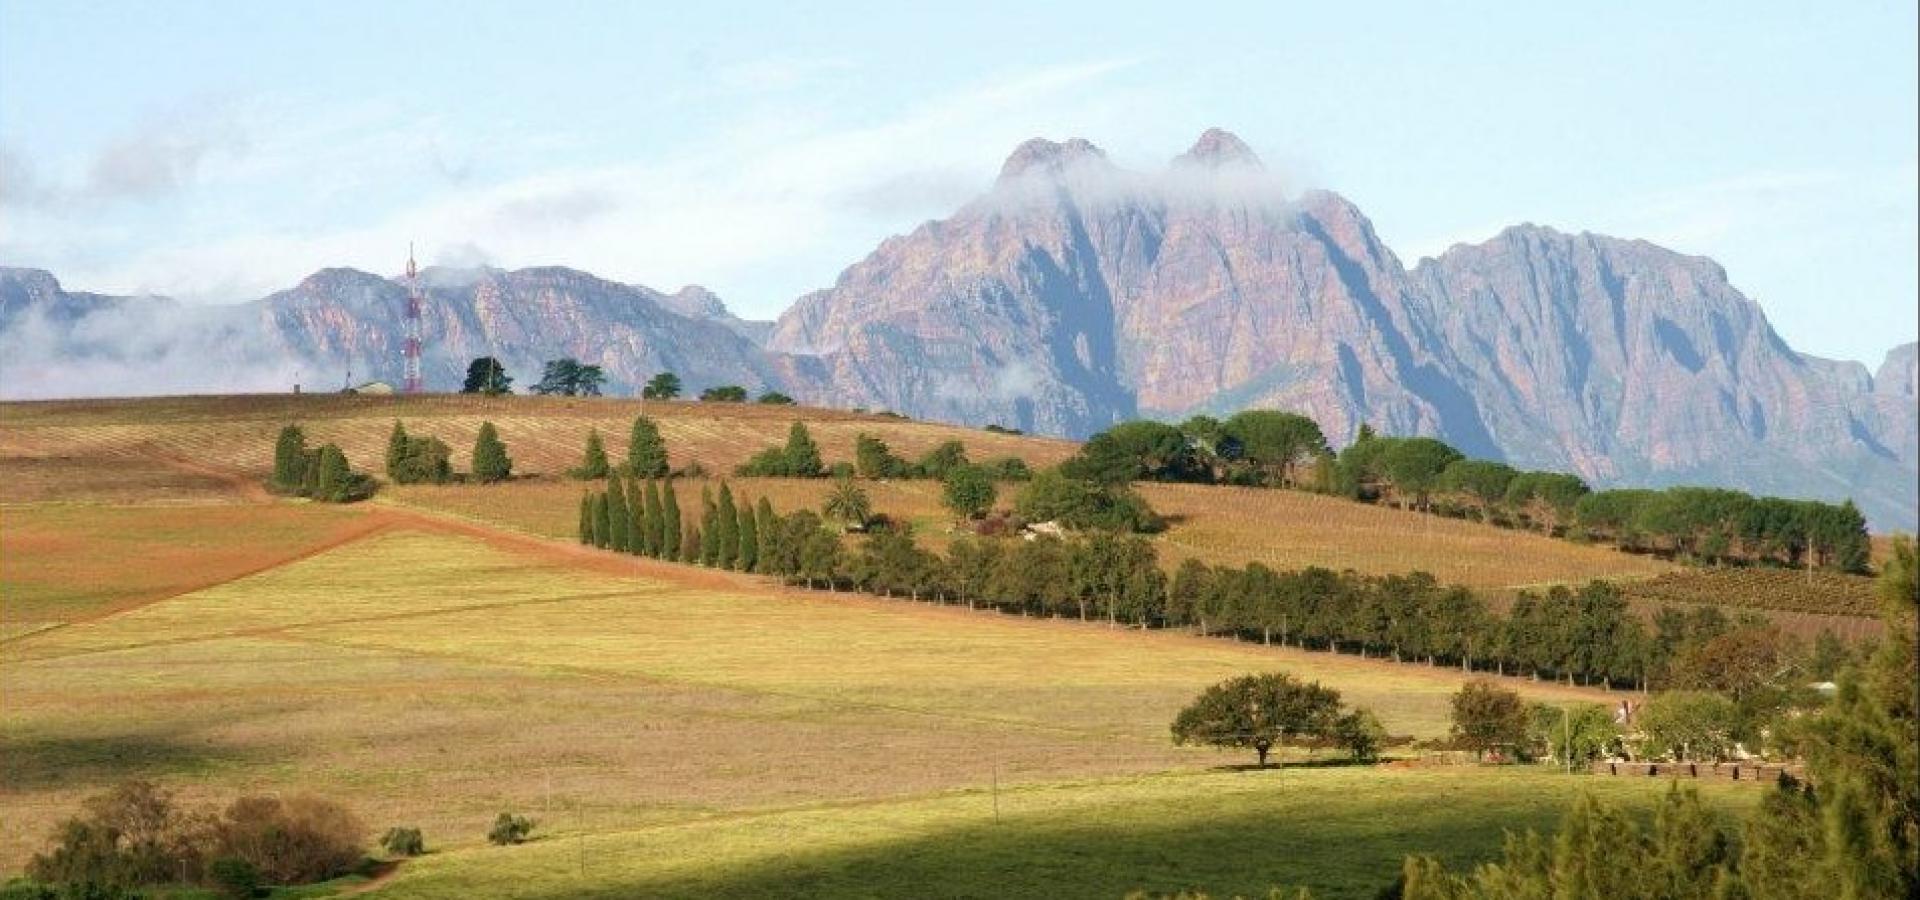 Erleben Sie die kulinarische Vielfalt mit seinen wunderschönen Weinbergen in Franschhoek in Südafrika